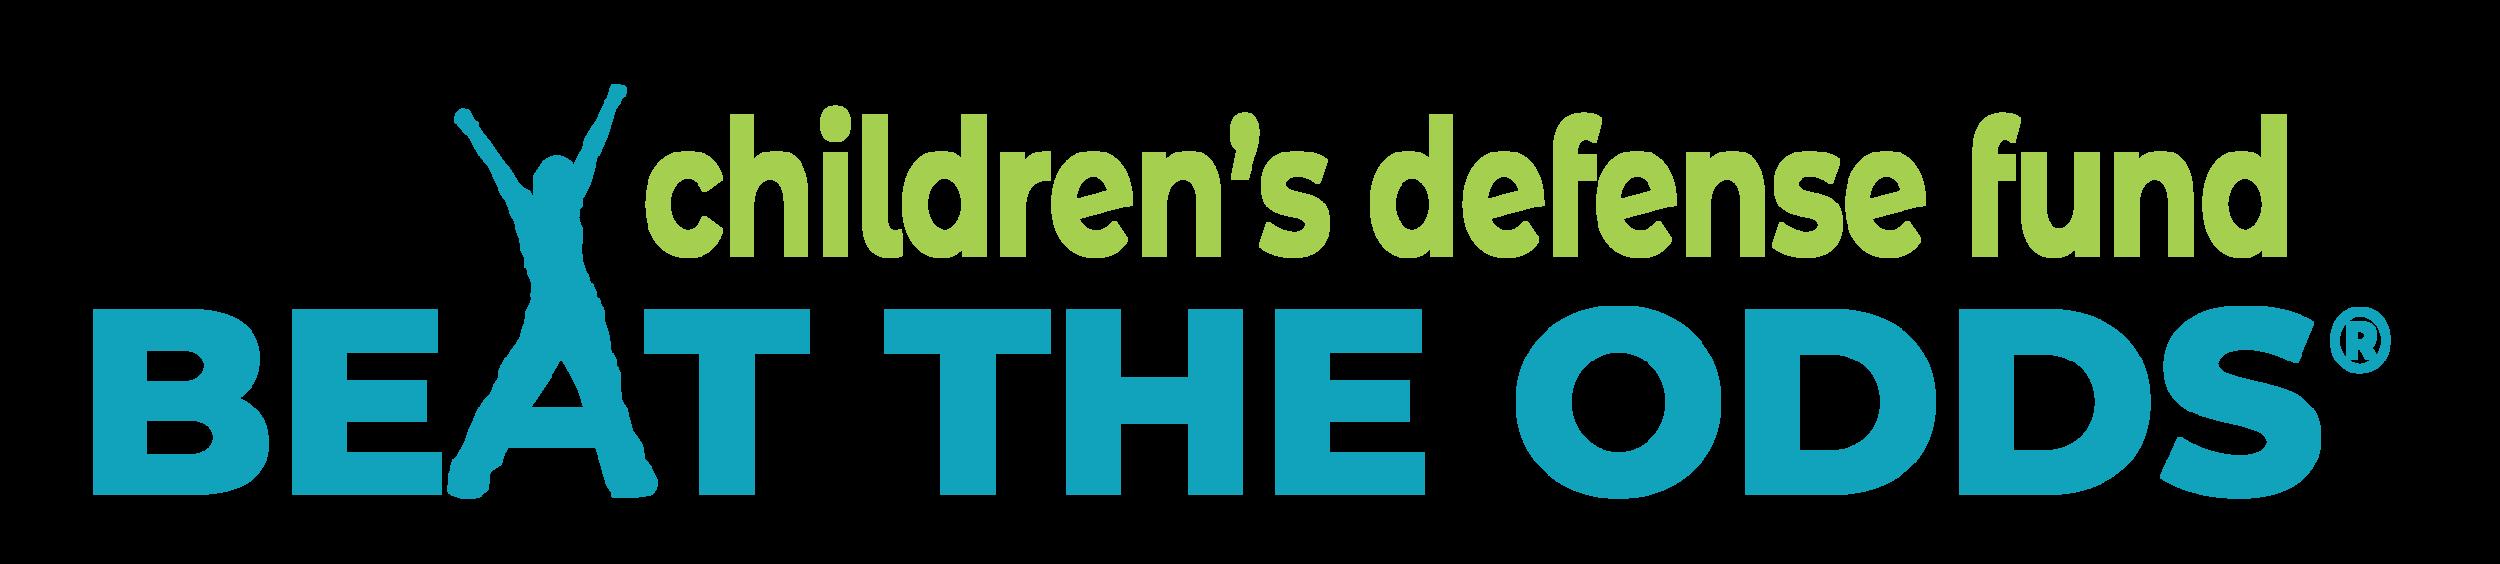 CDF-BTO-logo-2-color-1.png